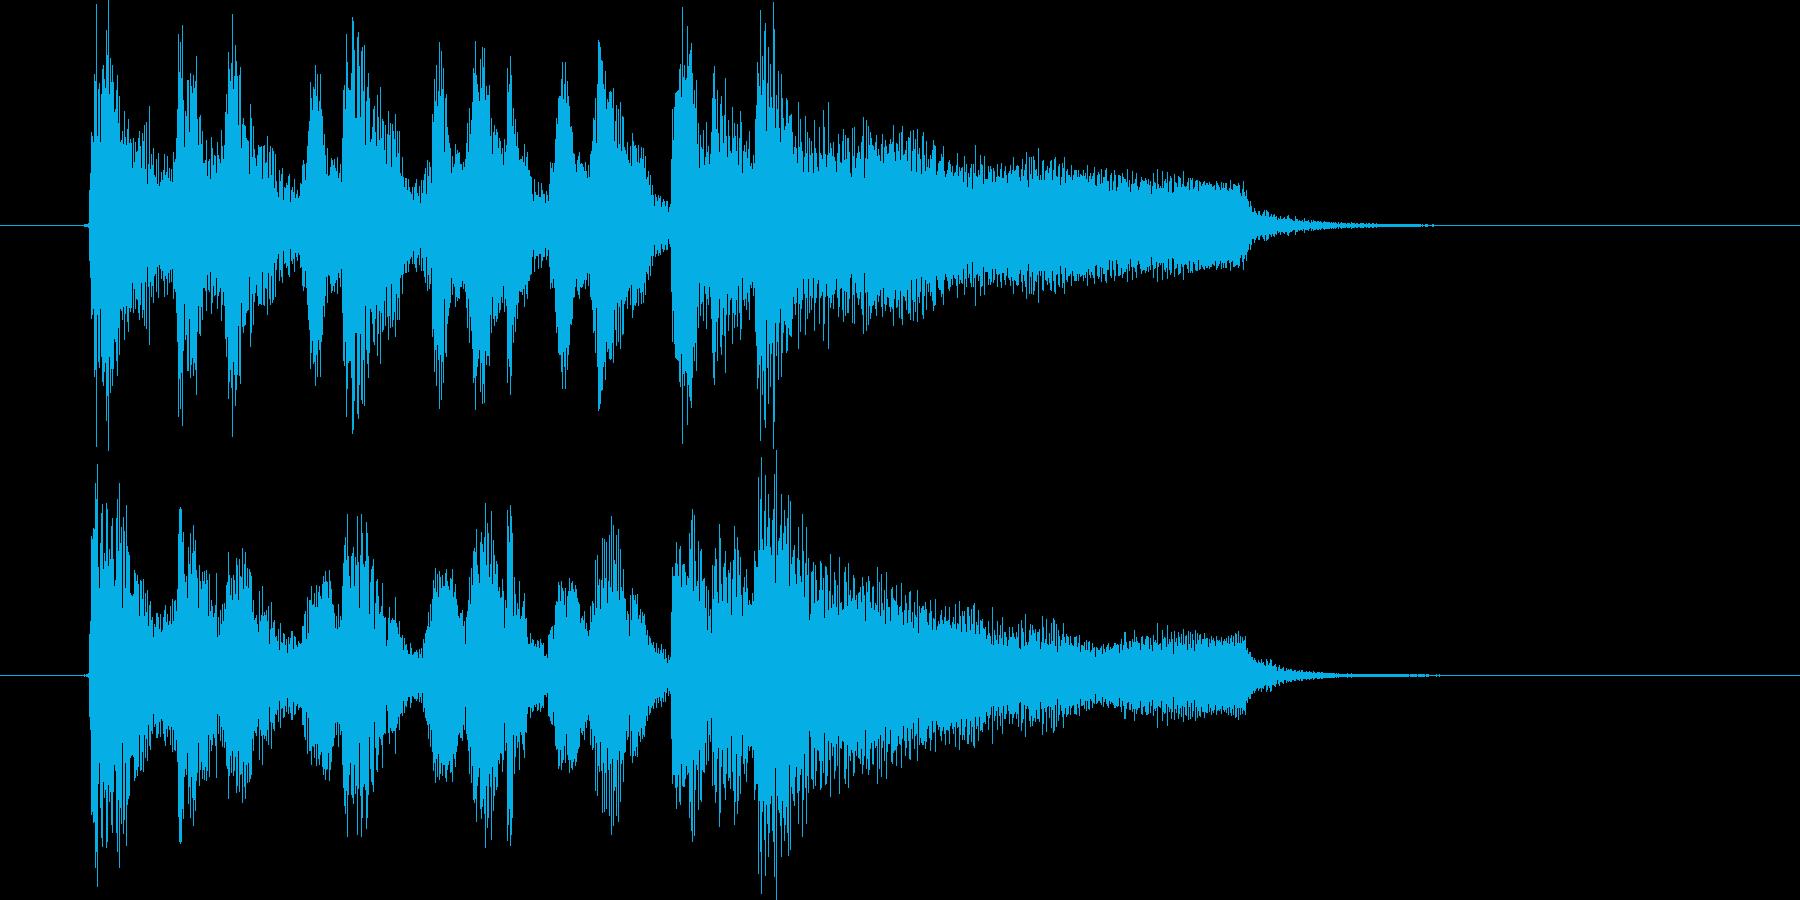 ミステリアスでドラマティックな楽曲の再生済みの波形